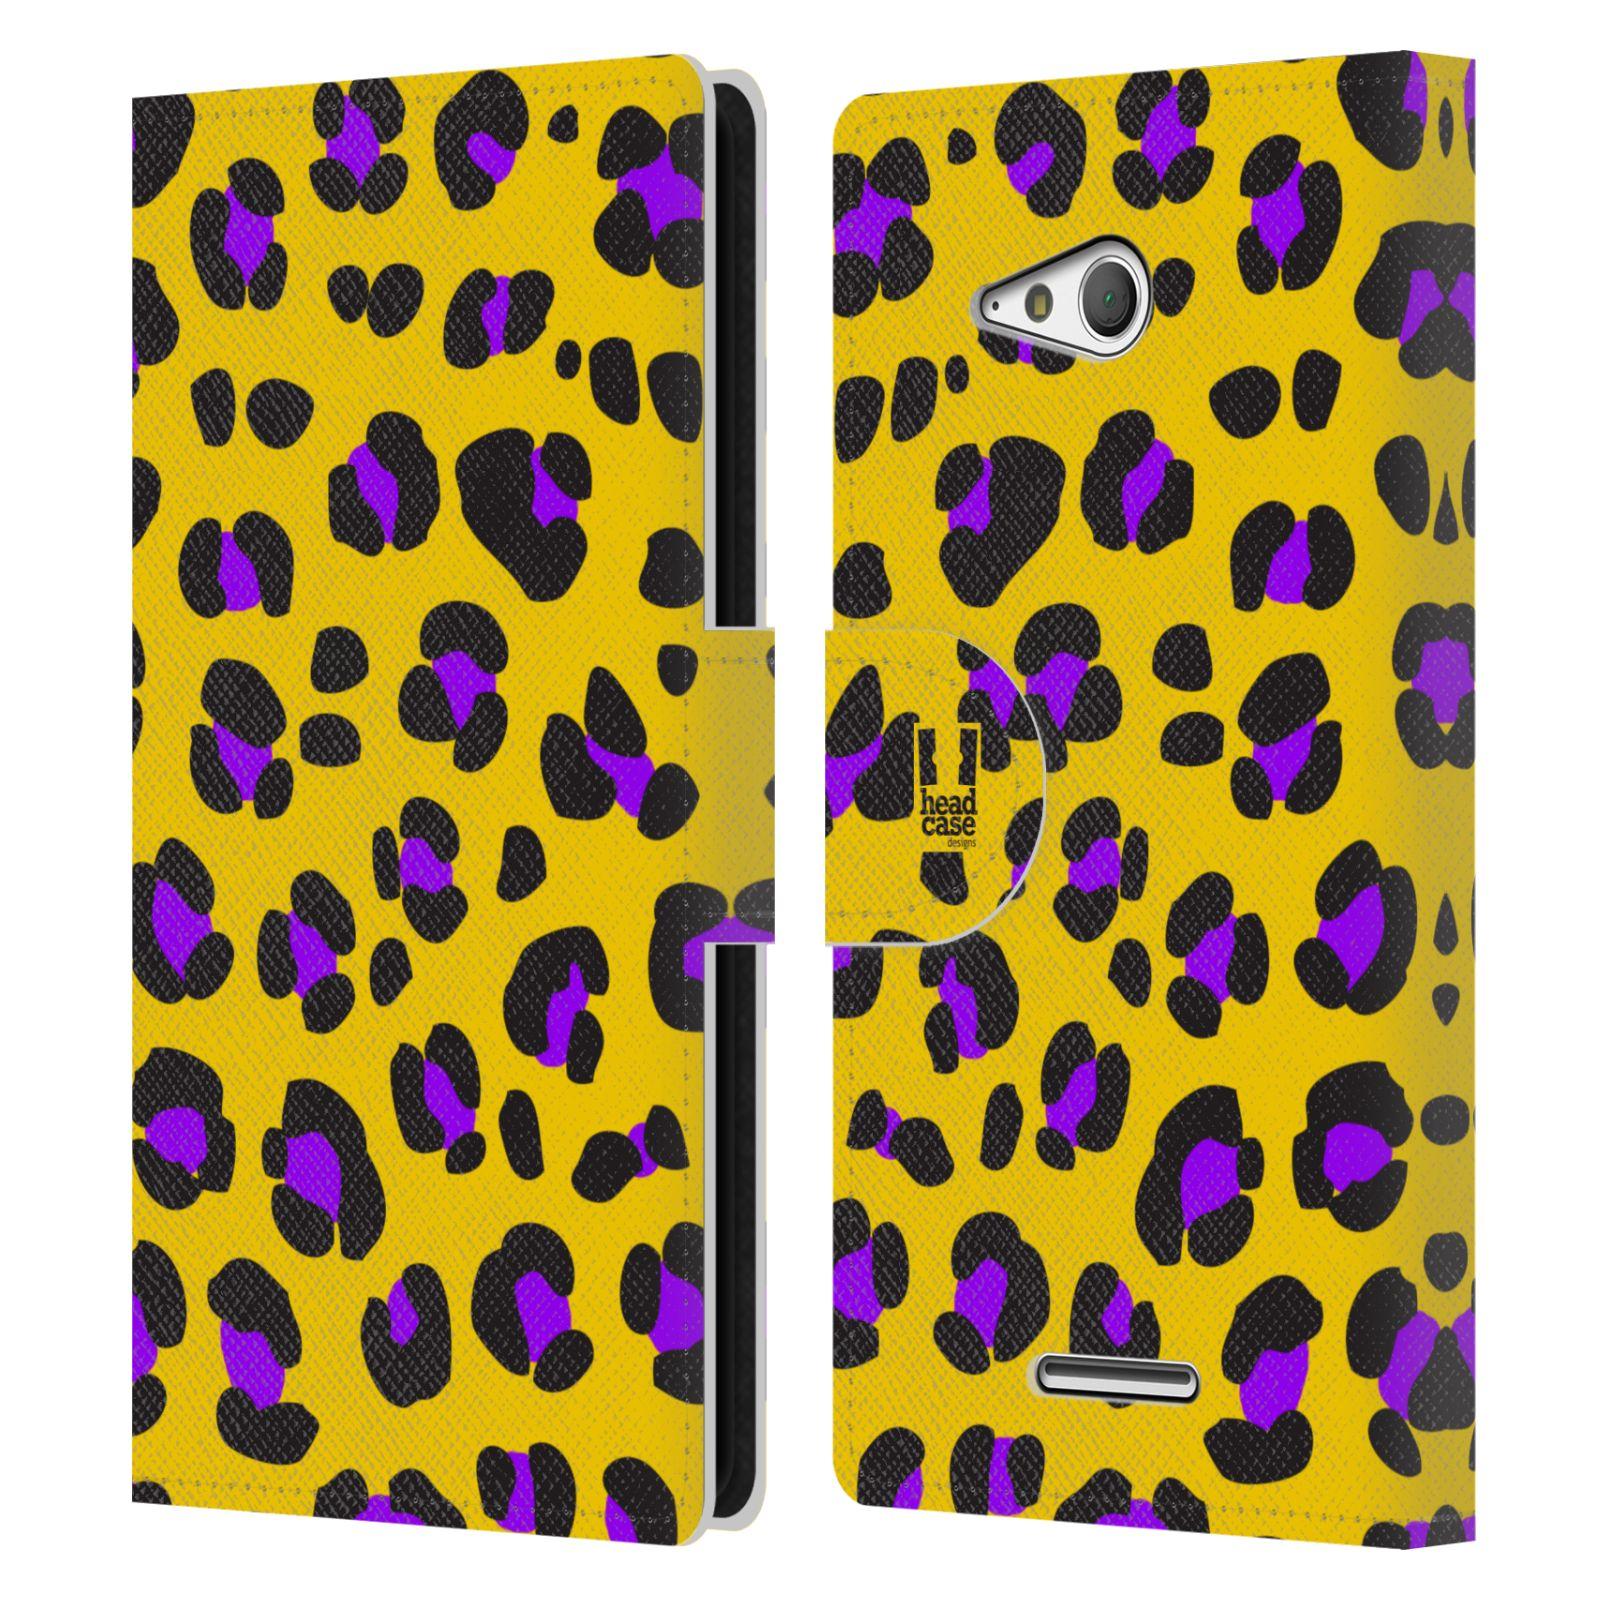 HEAD CASE Flipové pouzdro pro mobil SONY XPERIA E4g Zvířecí barevné vzory žlutý leopard fialové skvrny